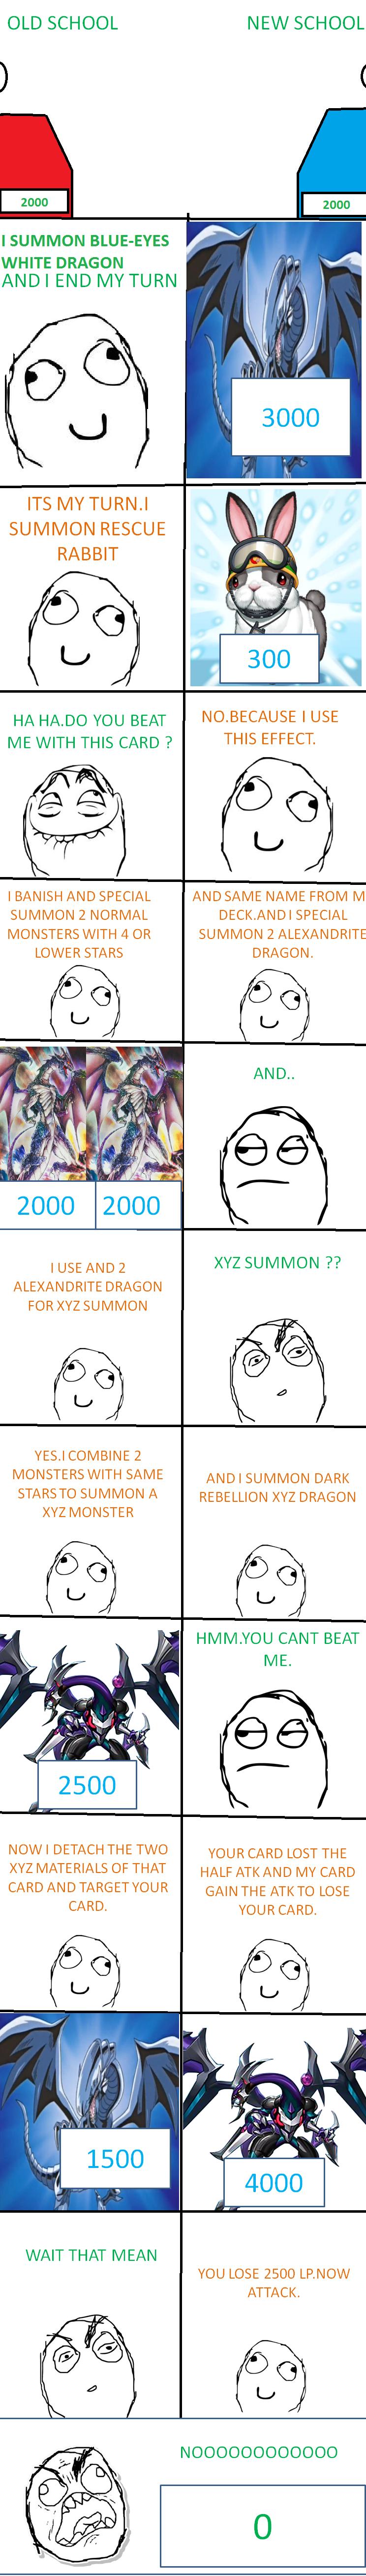 Βάζουμε memes/gifs από yugioh! - Σελίδα 2 Yugioh_meme_by_genetichero-datxwln